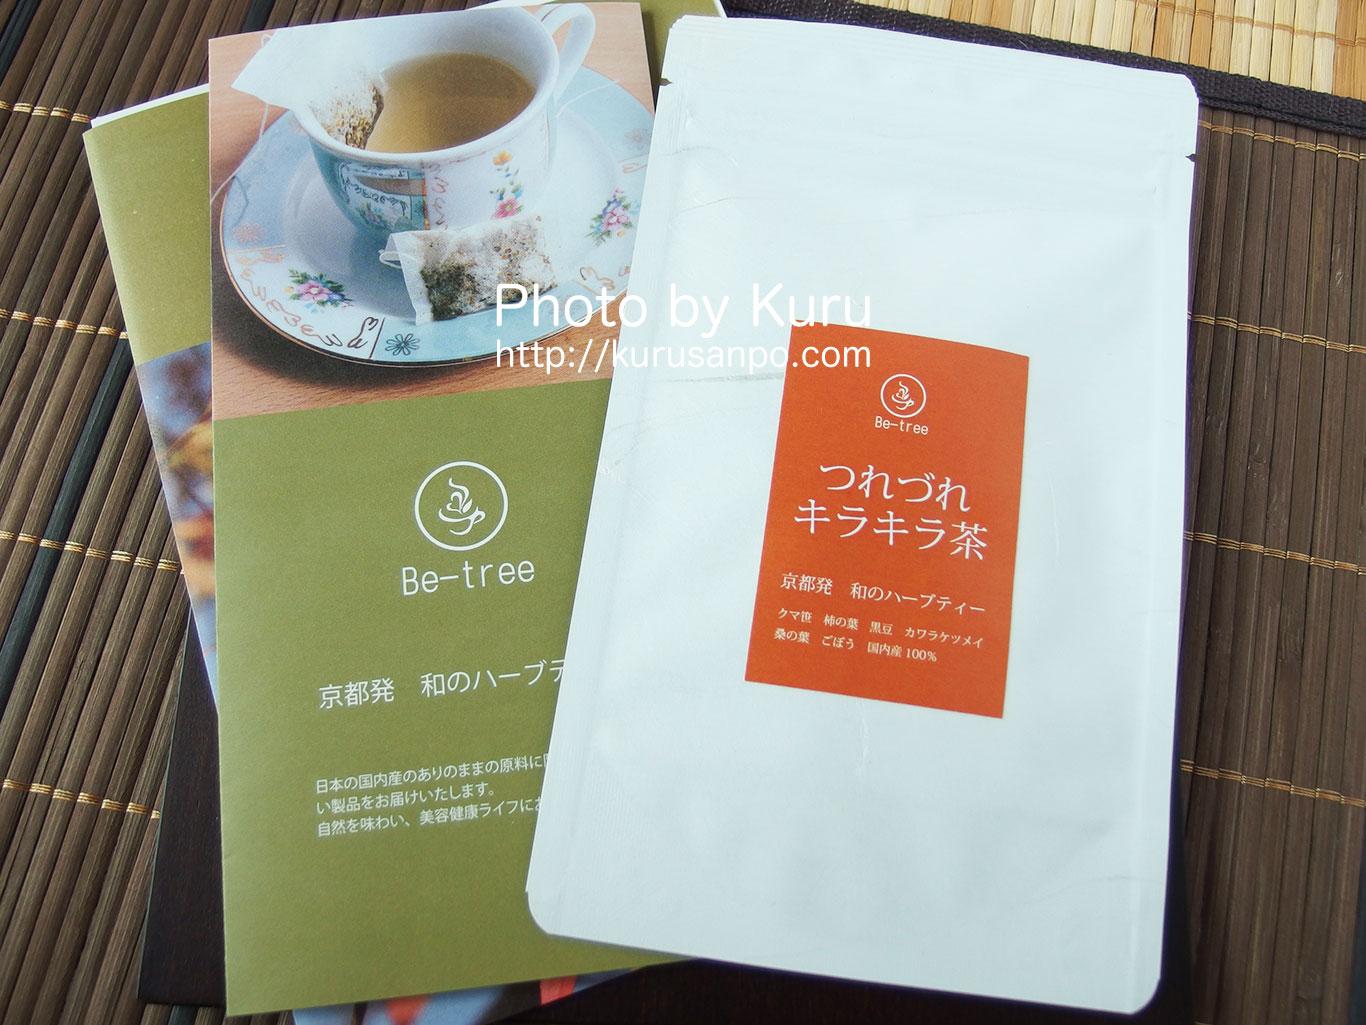 Be-treeの『つれづれキラキラ茶』京都発和風ハーブティーを飲んでみた♪